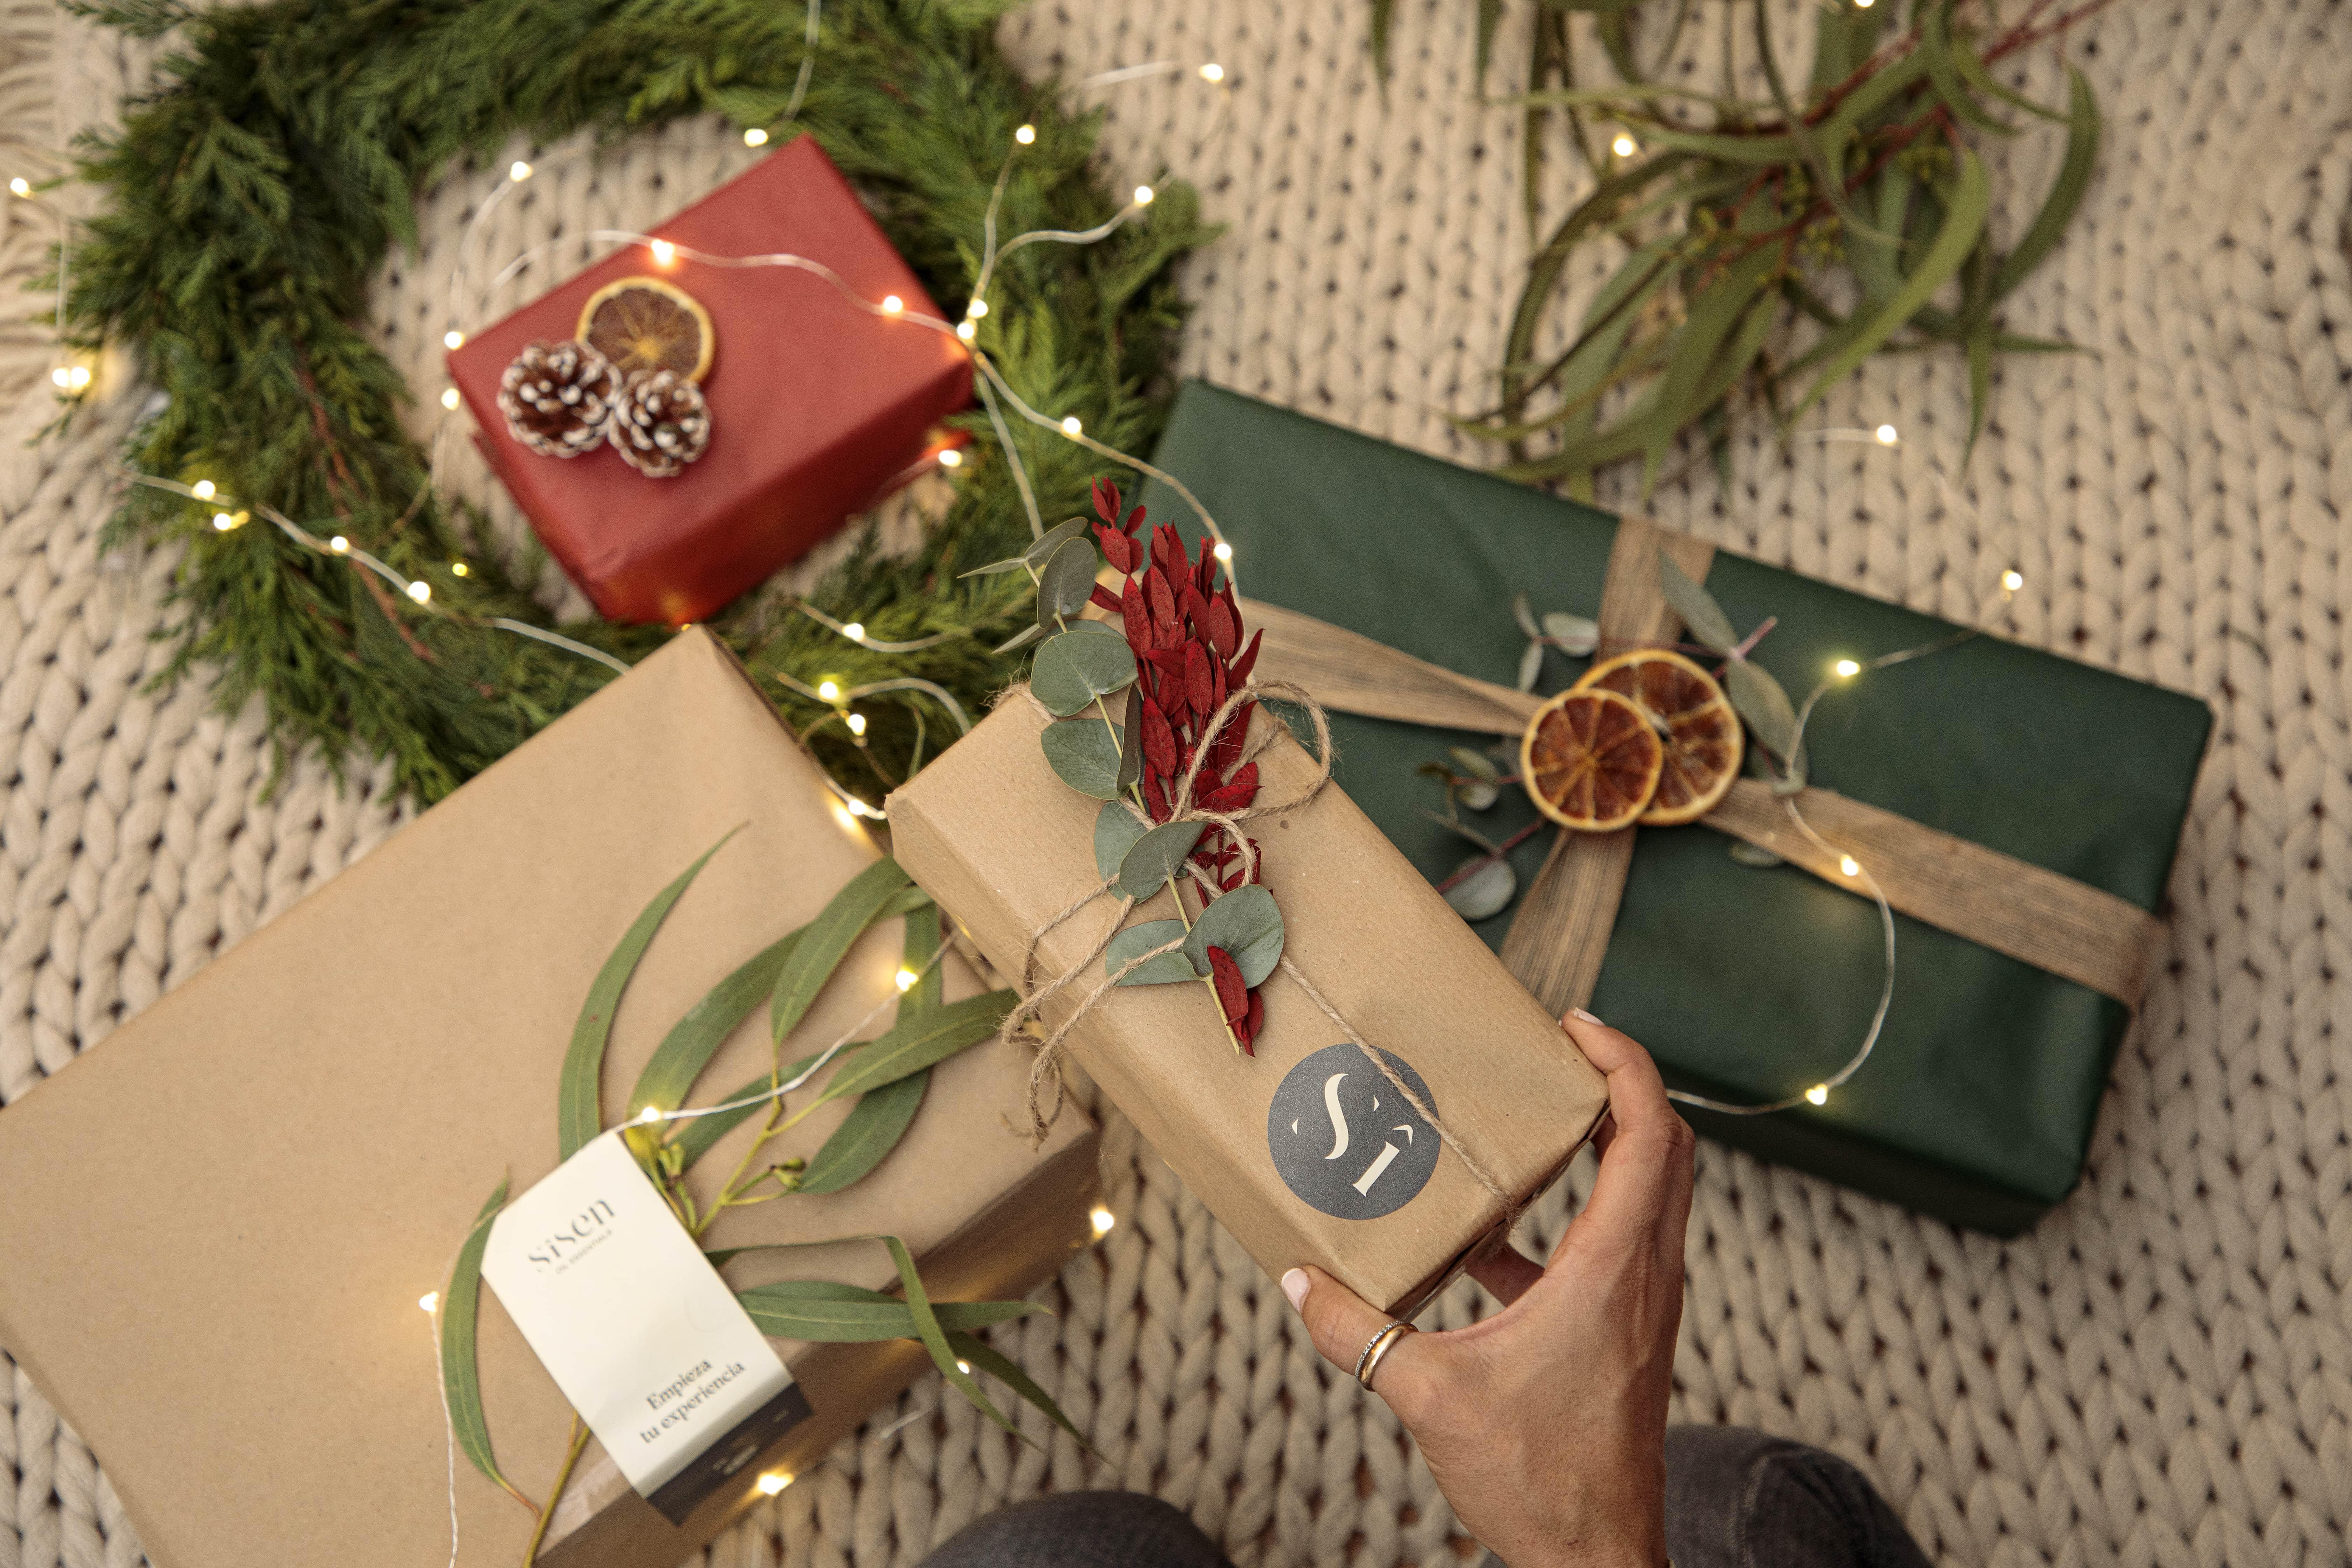 aceites esenciales para navidad con sisen